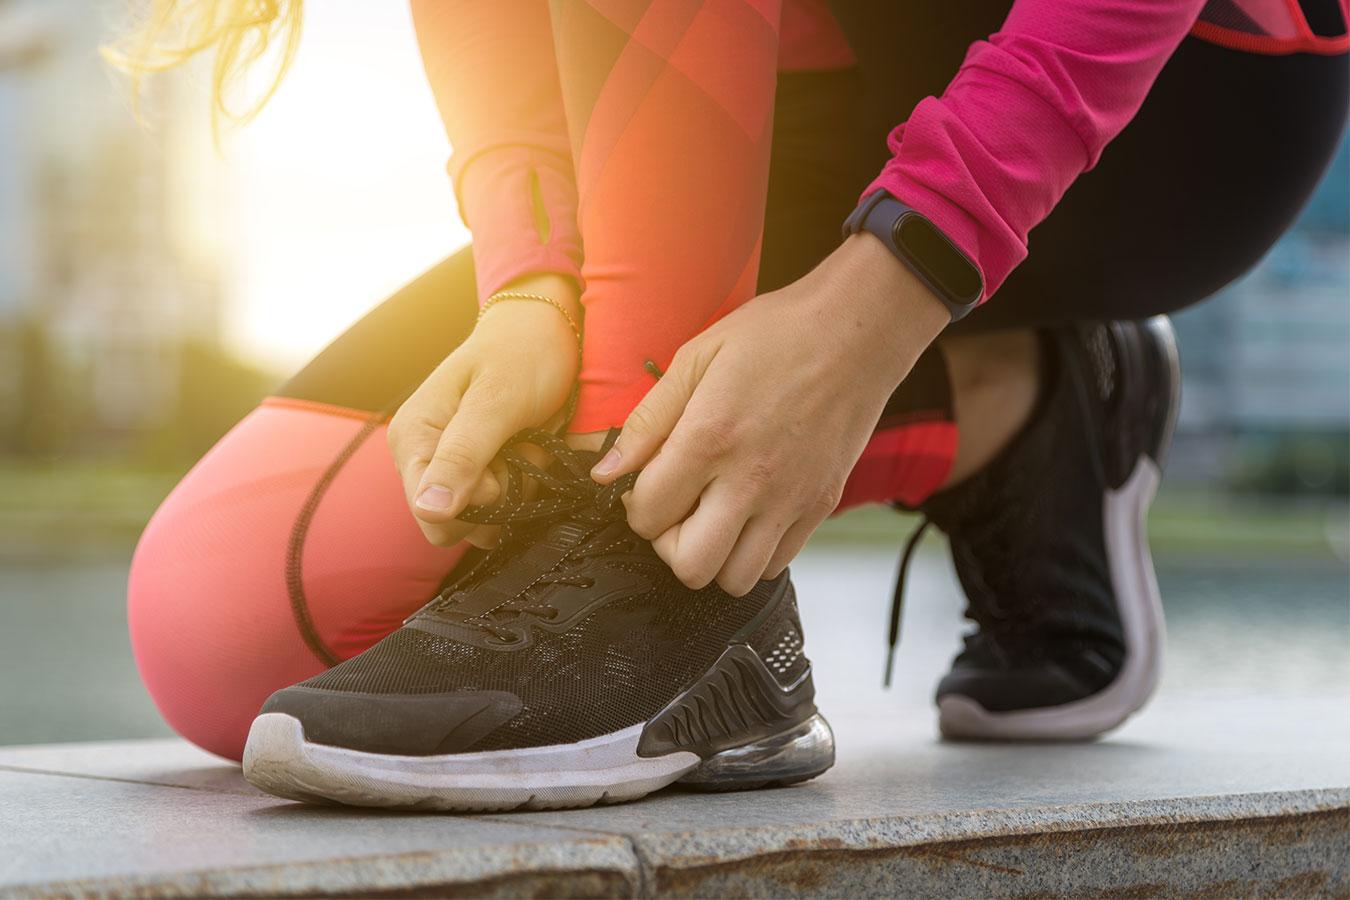 Mijenjajte tenisice svakih 700-800 pretrčanih kilometara